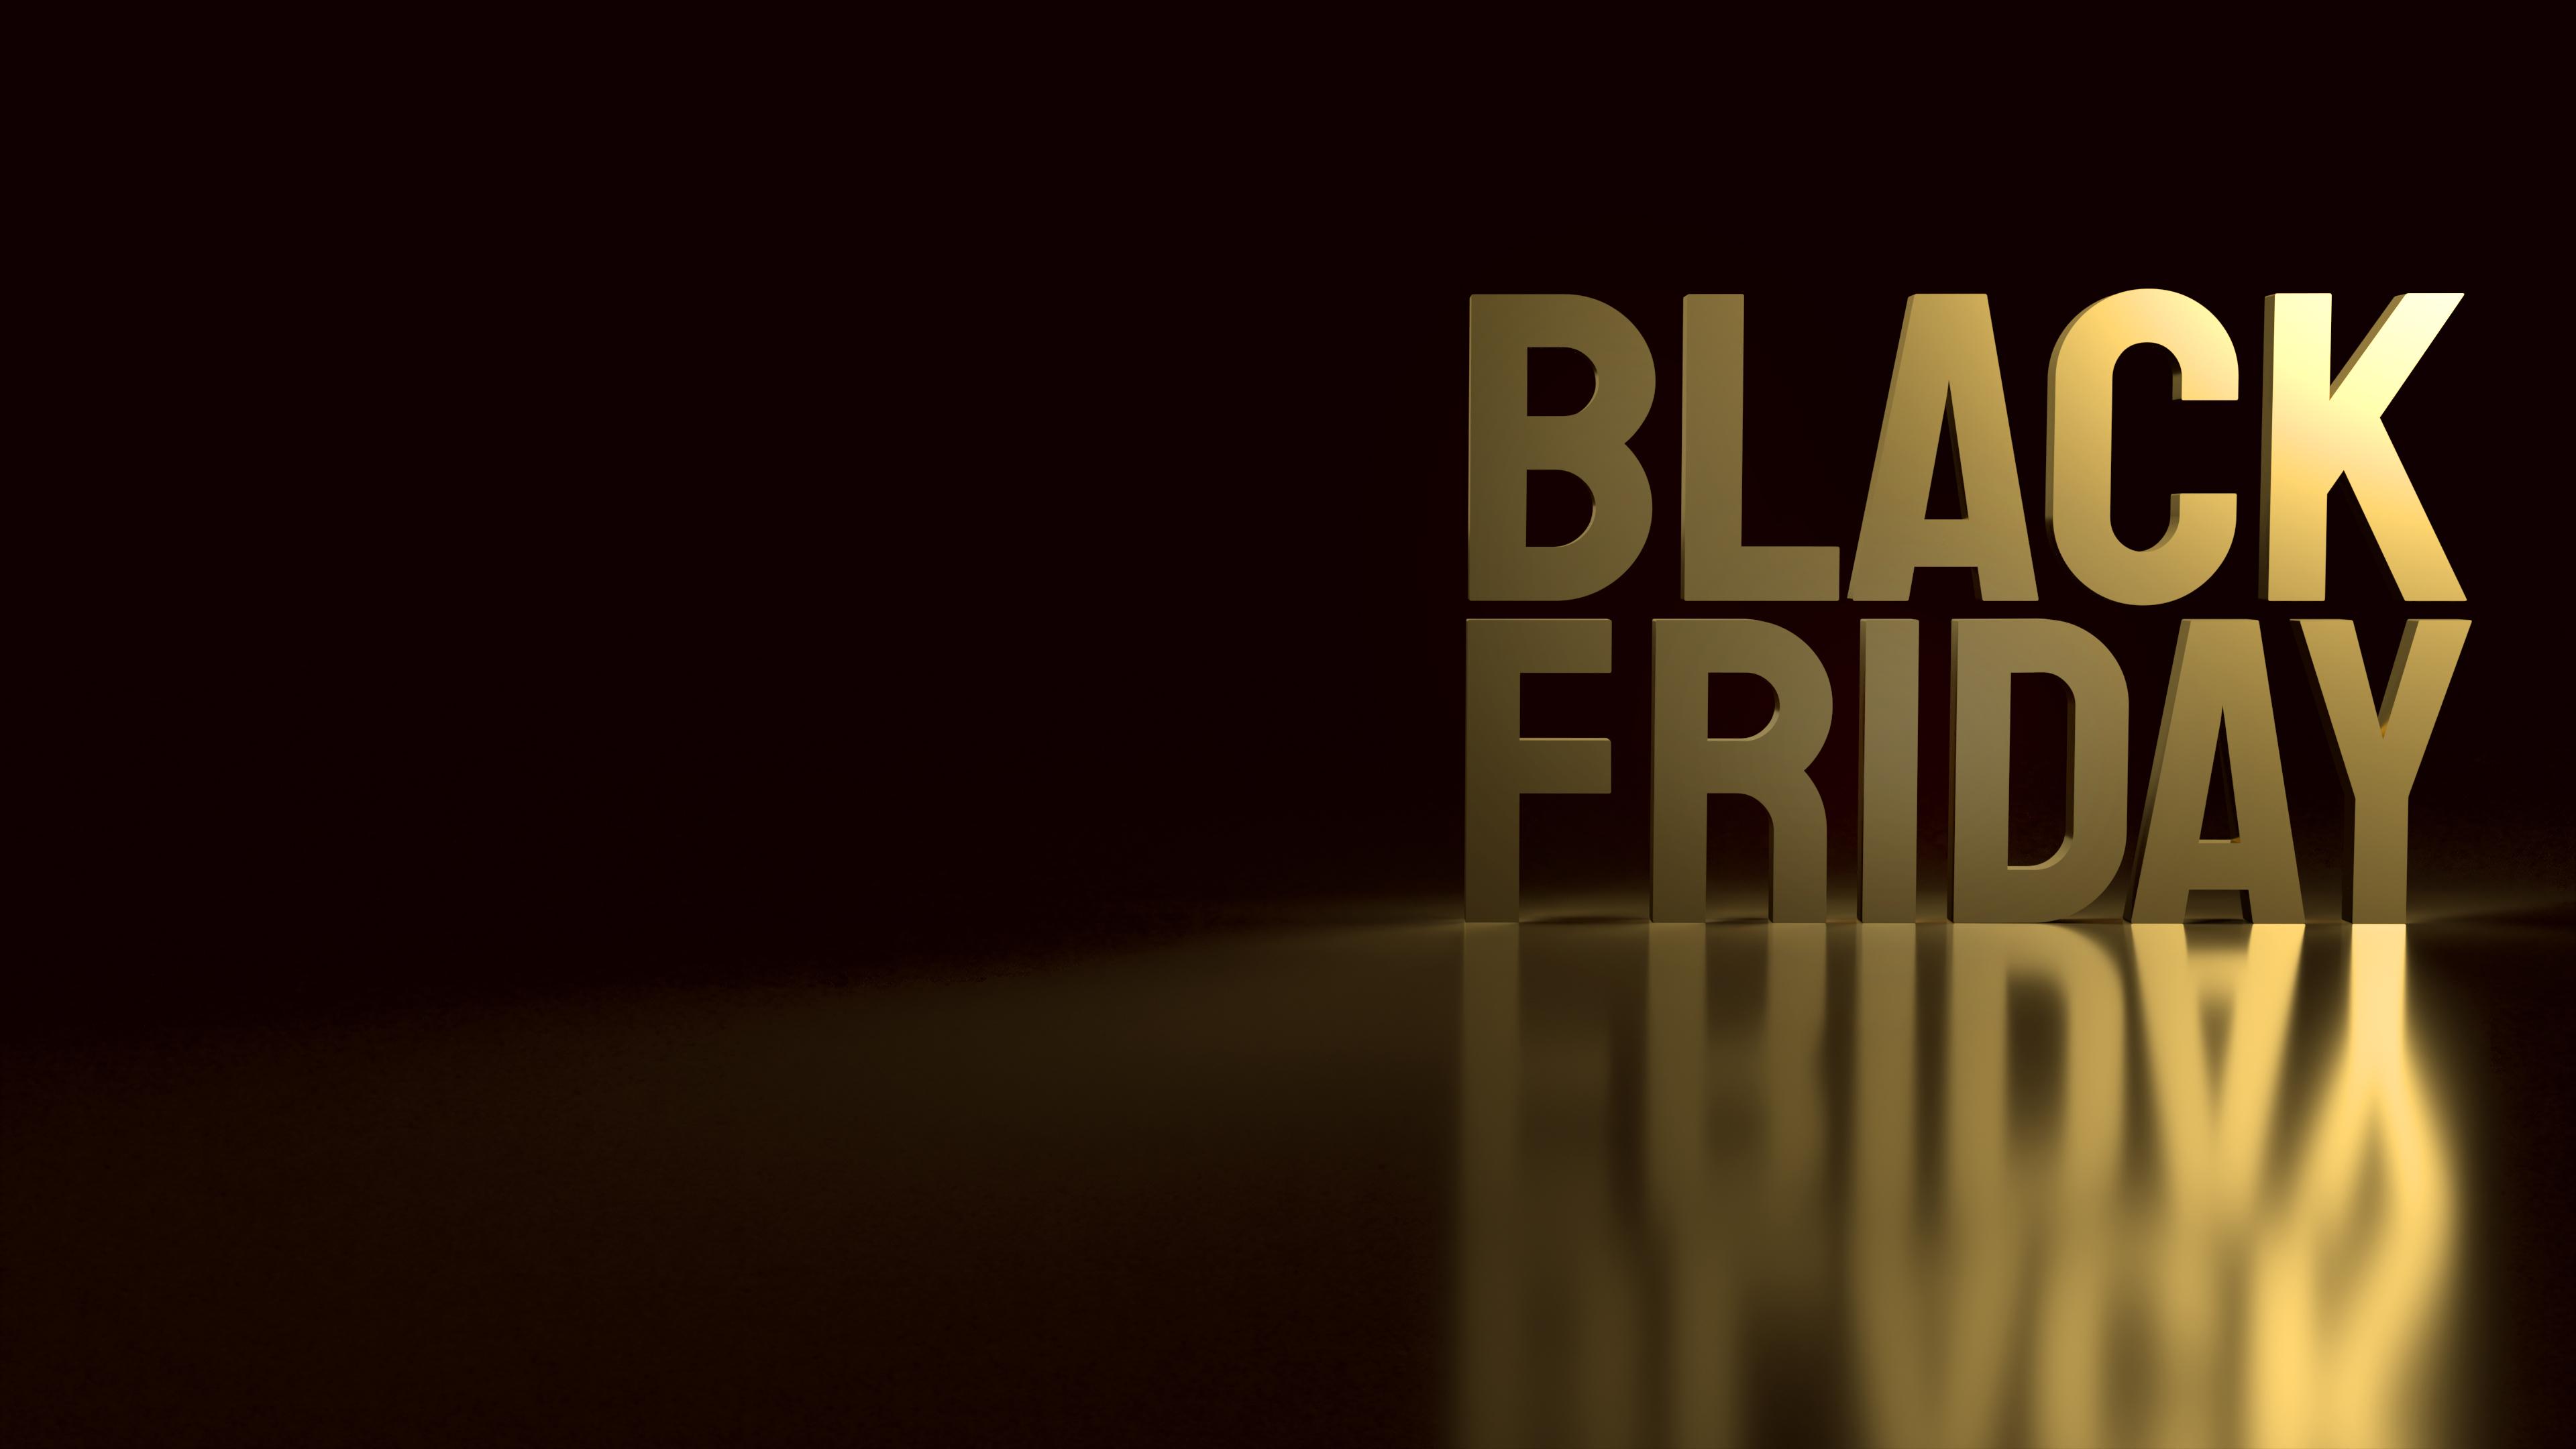 Název Black Friday má dlouhou historii.